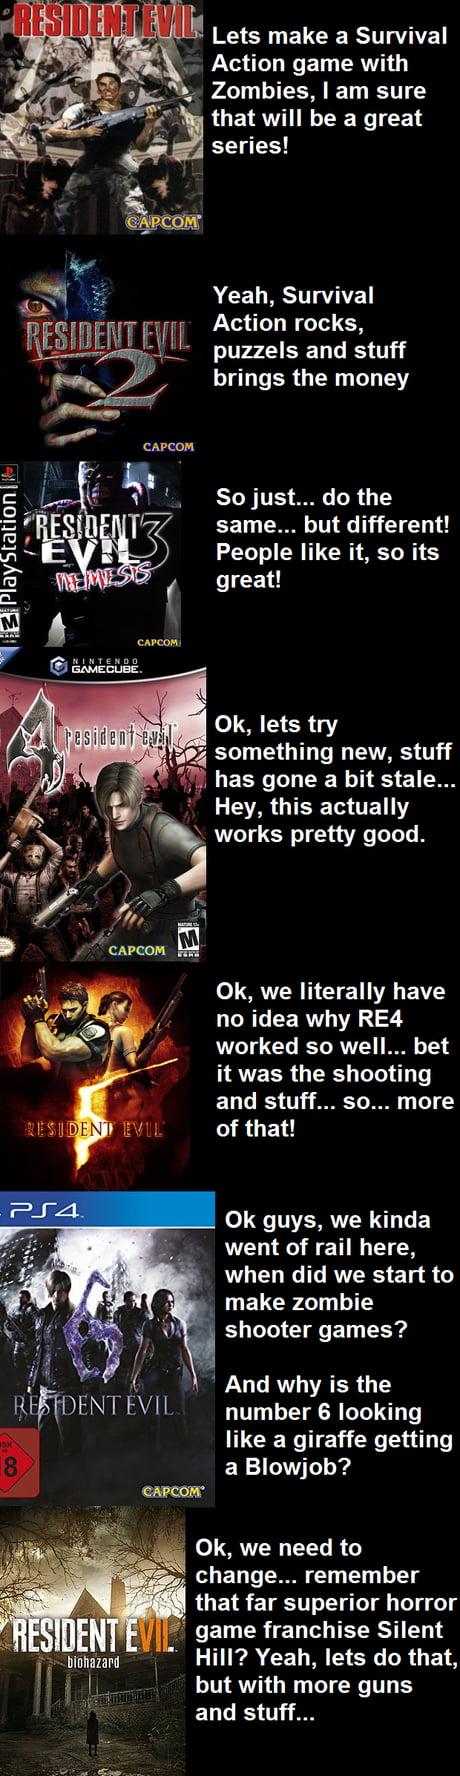 Evolution of Resident Evil Games